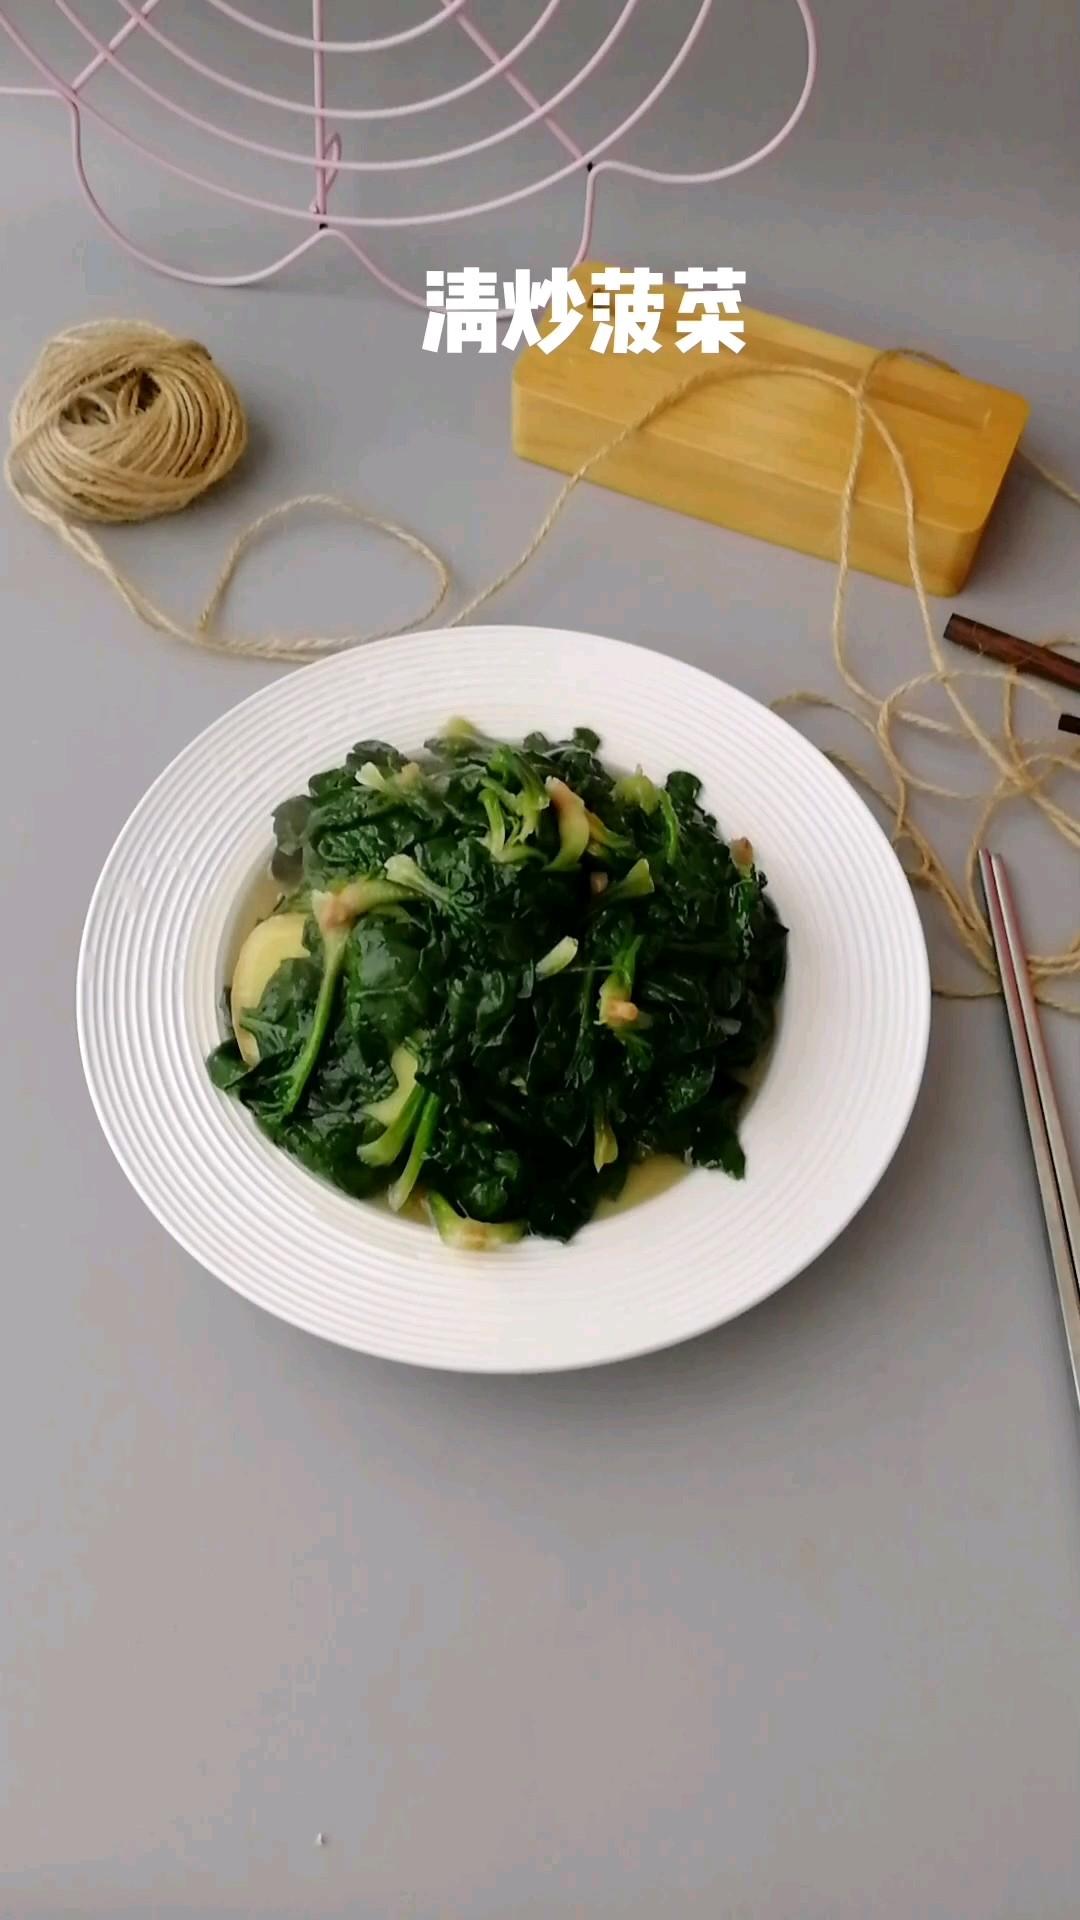 清炒菠菜的做法大全